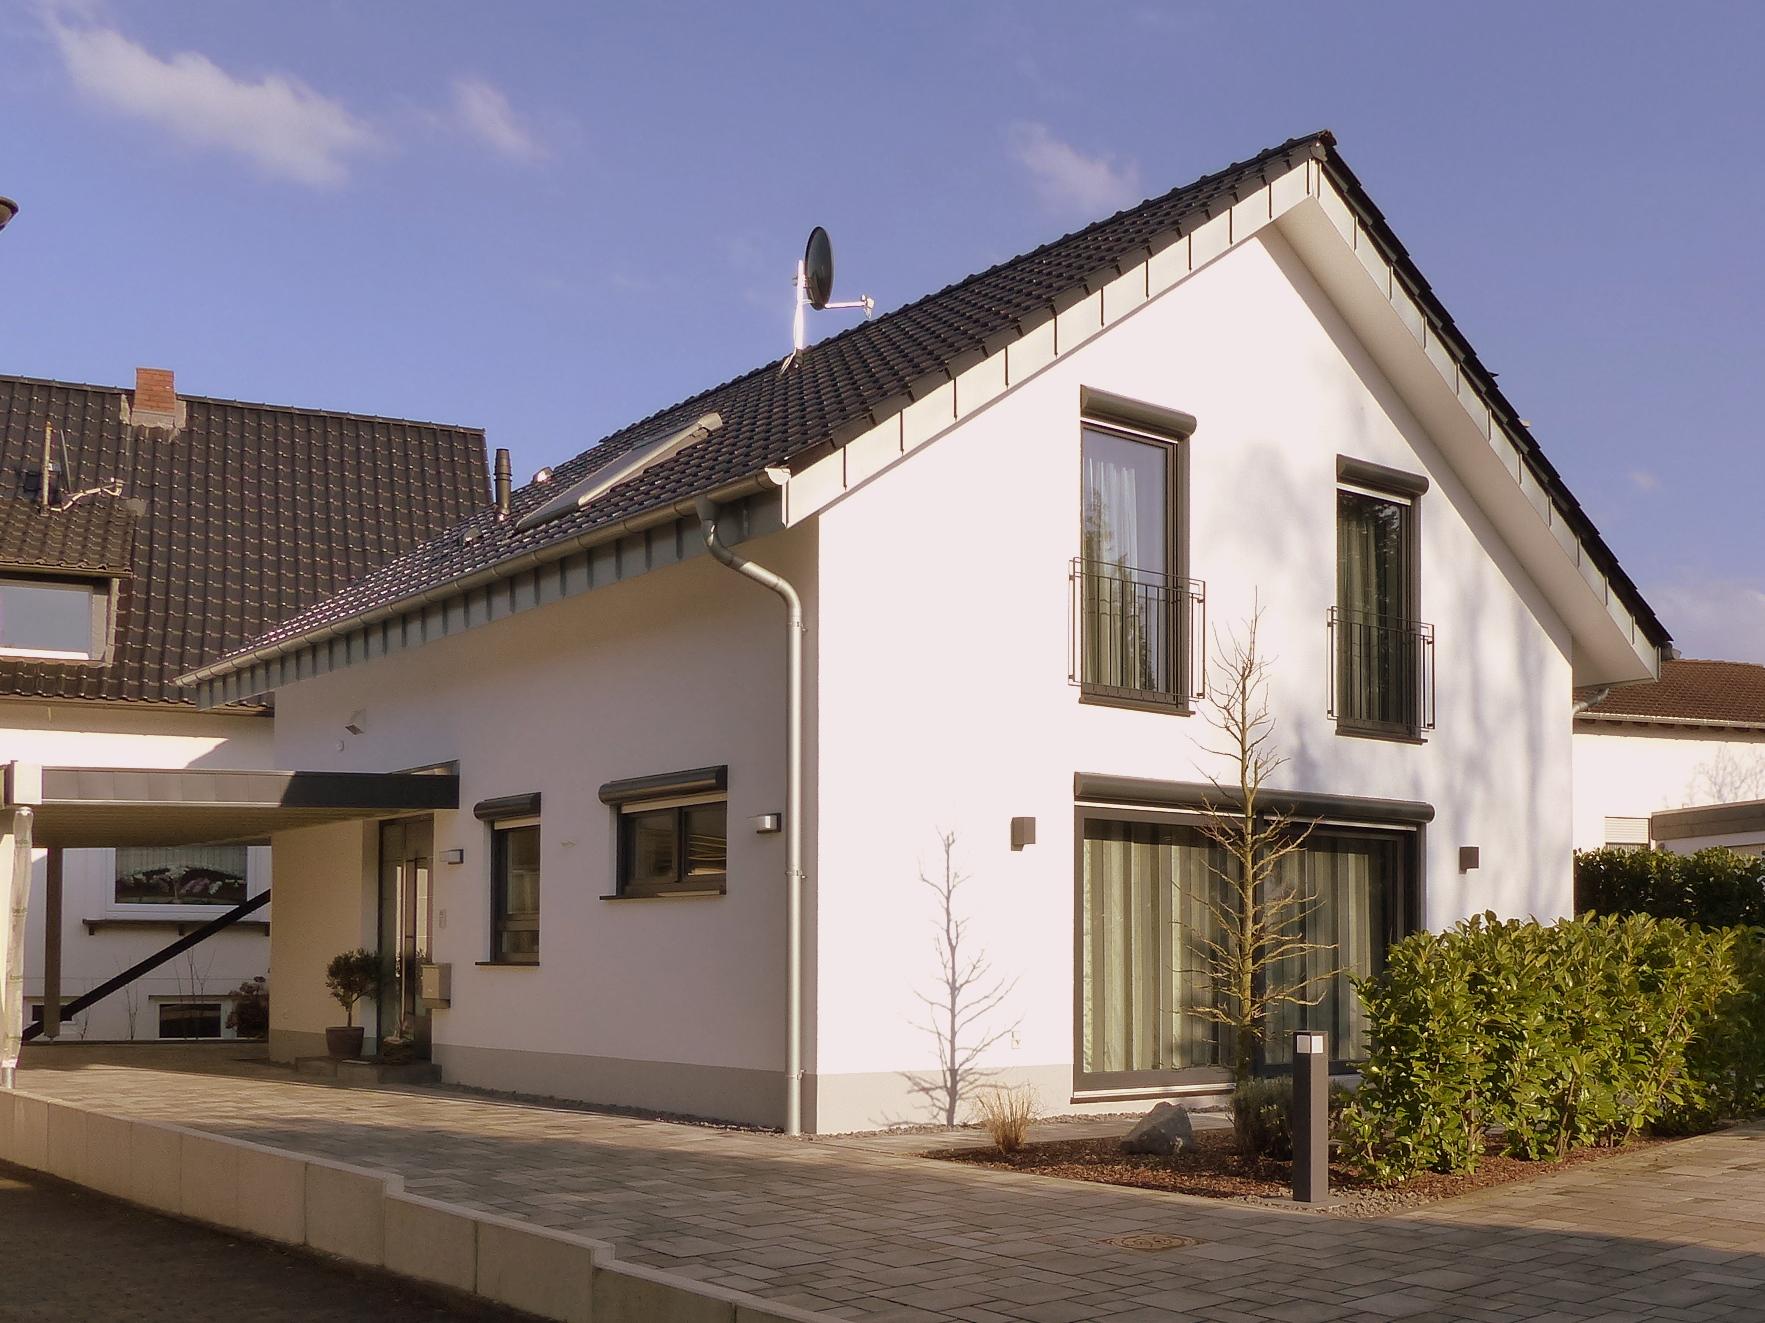 Cool Einfamilienhaus Satteldach Foto Von Mit